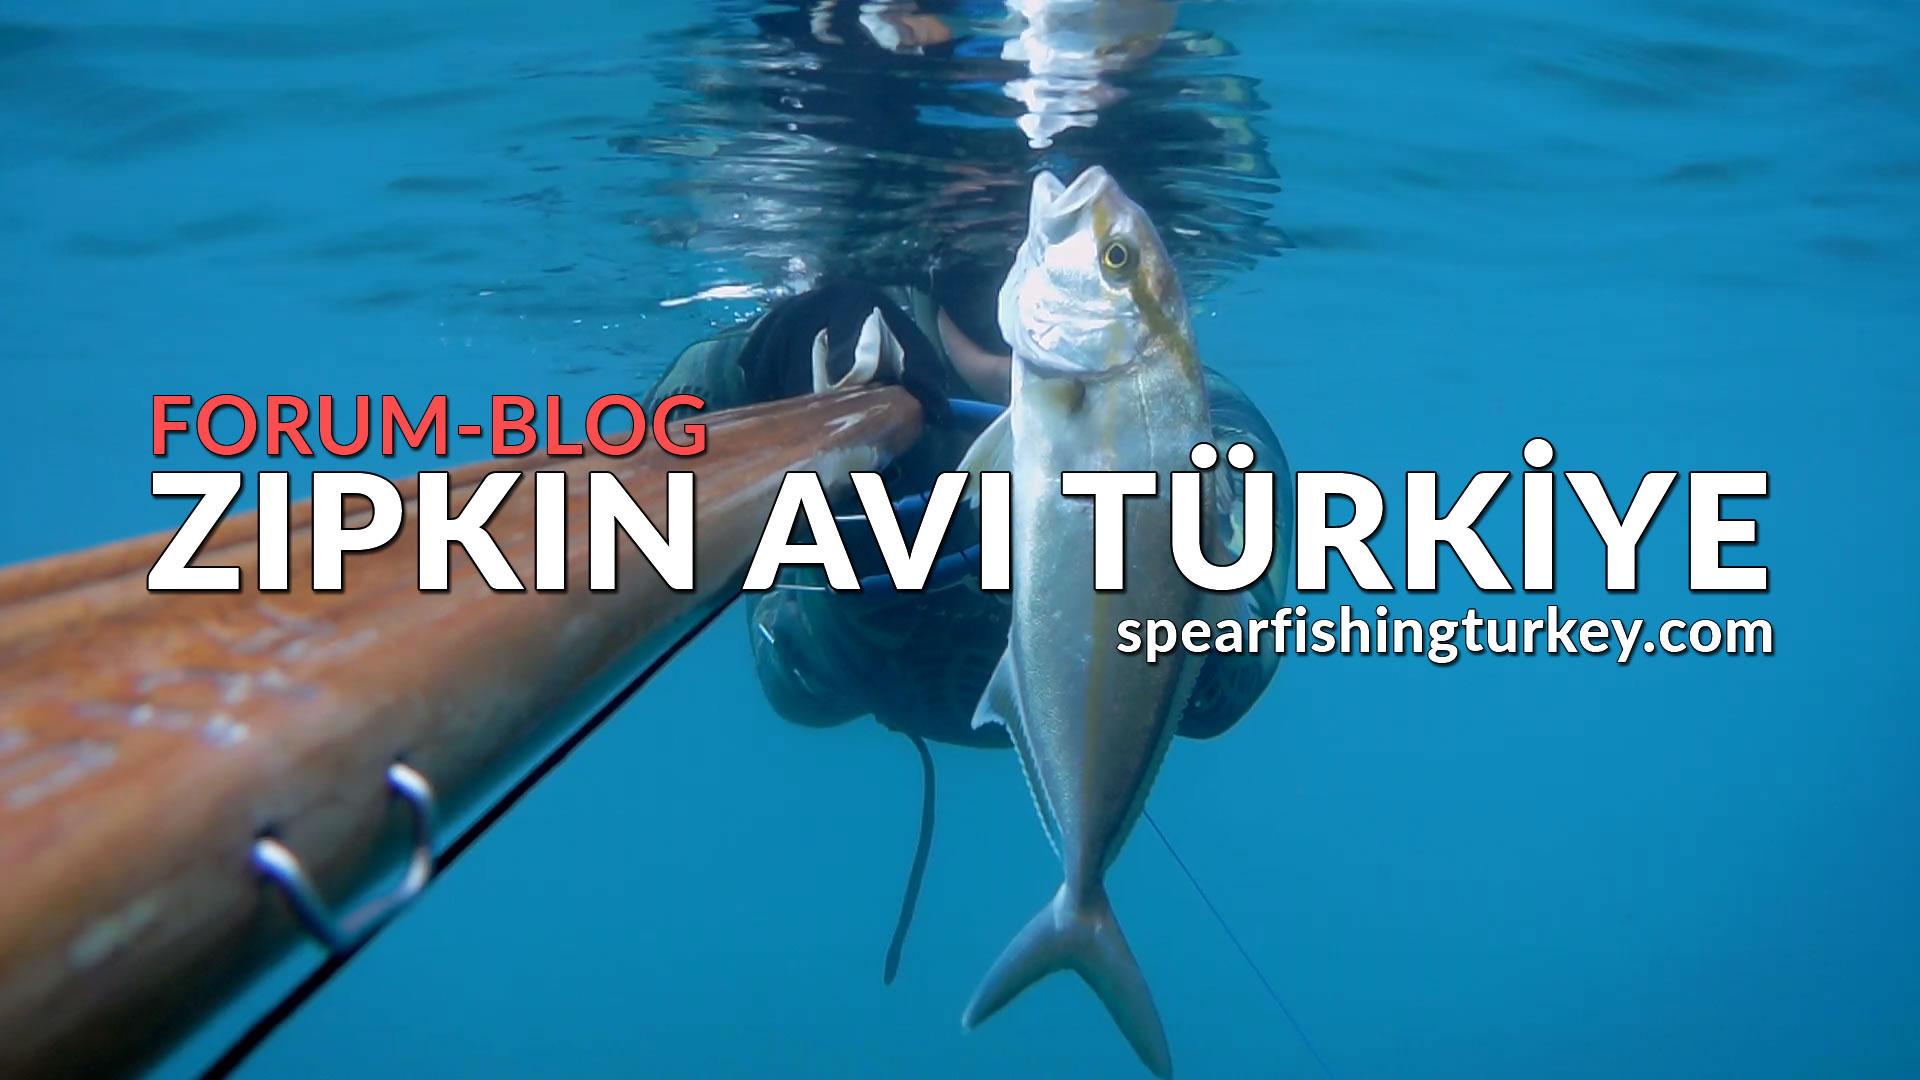 zıpkın avı türkiye forum